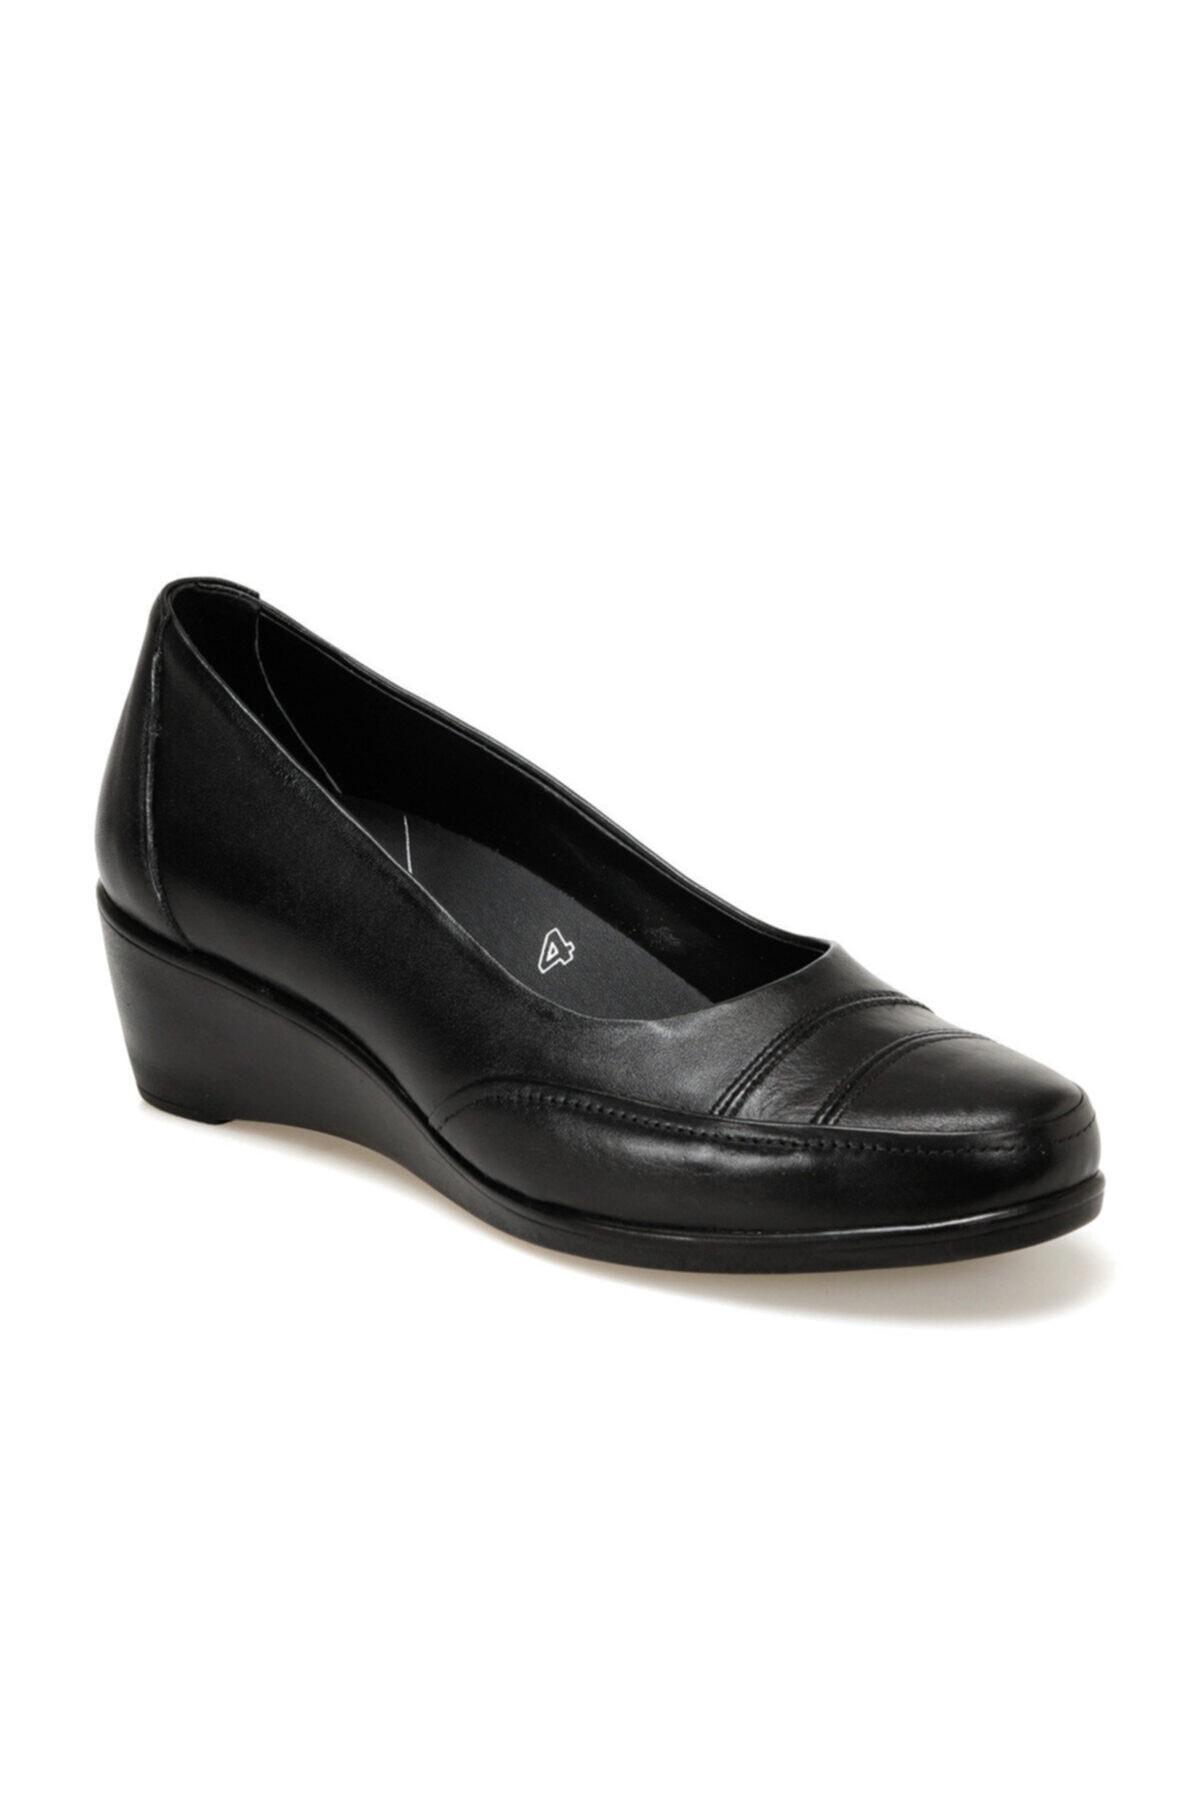 Polaris 5 Nokta 103151.Z Siyah Kadın Comfort Ayakkabı 100555185 1